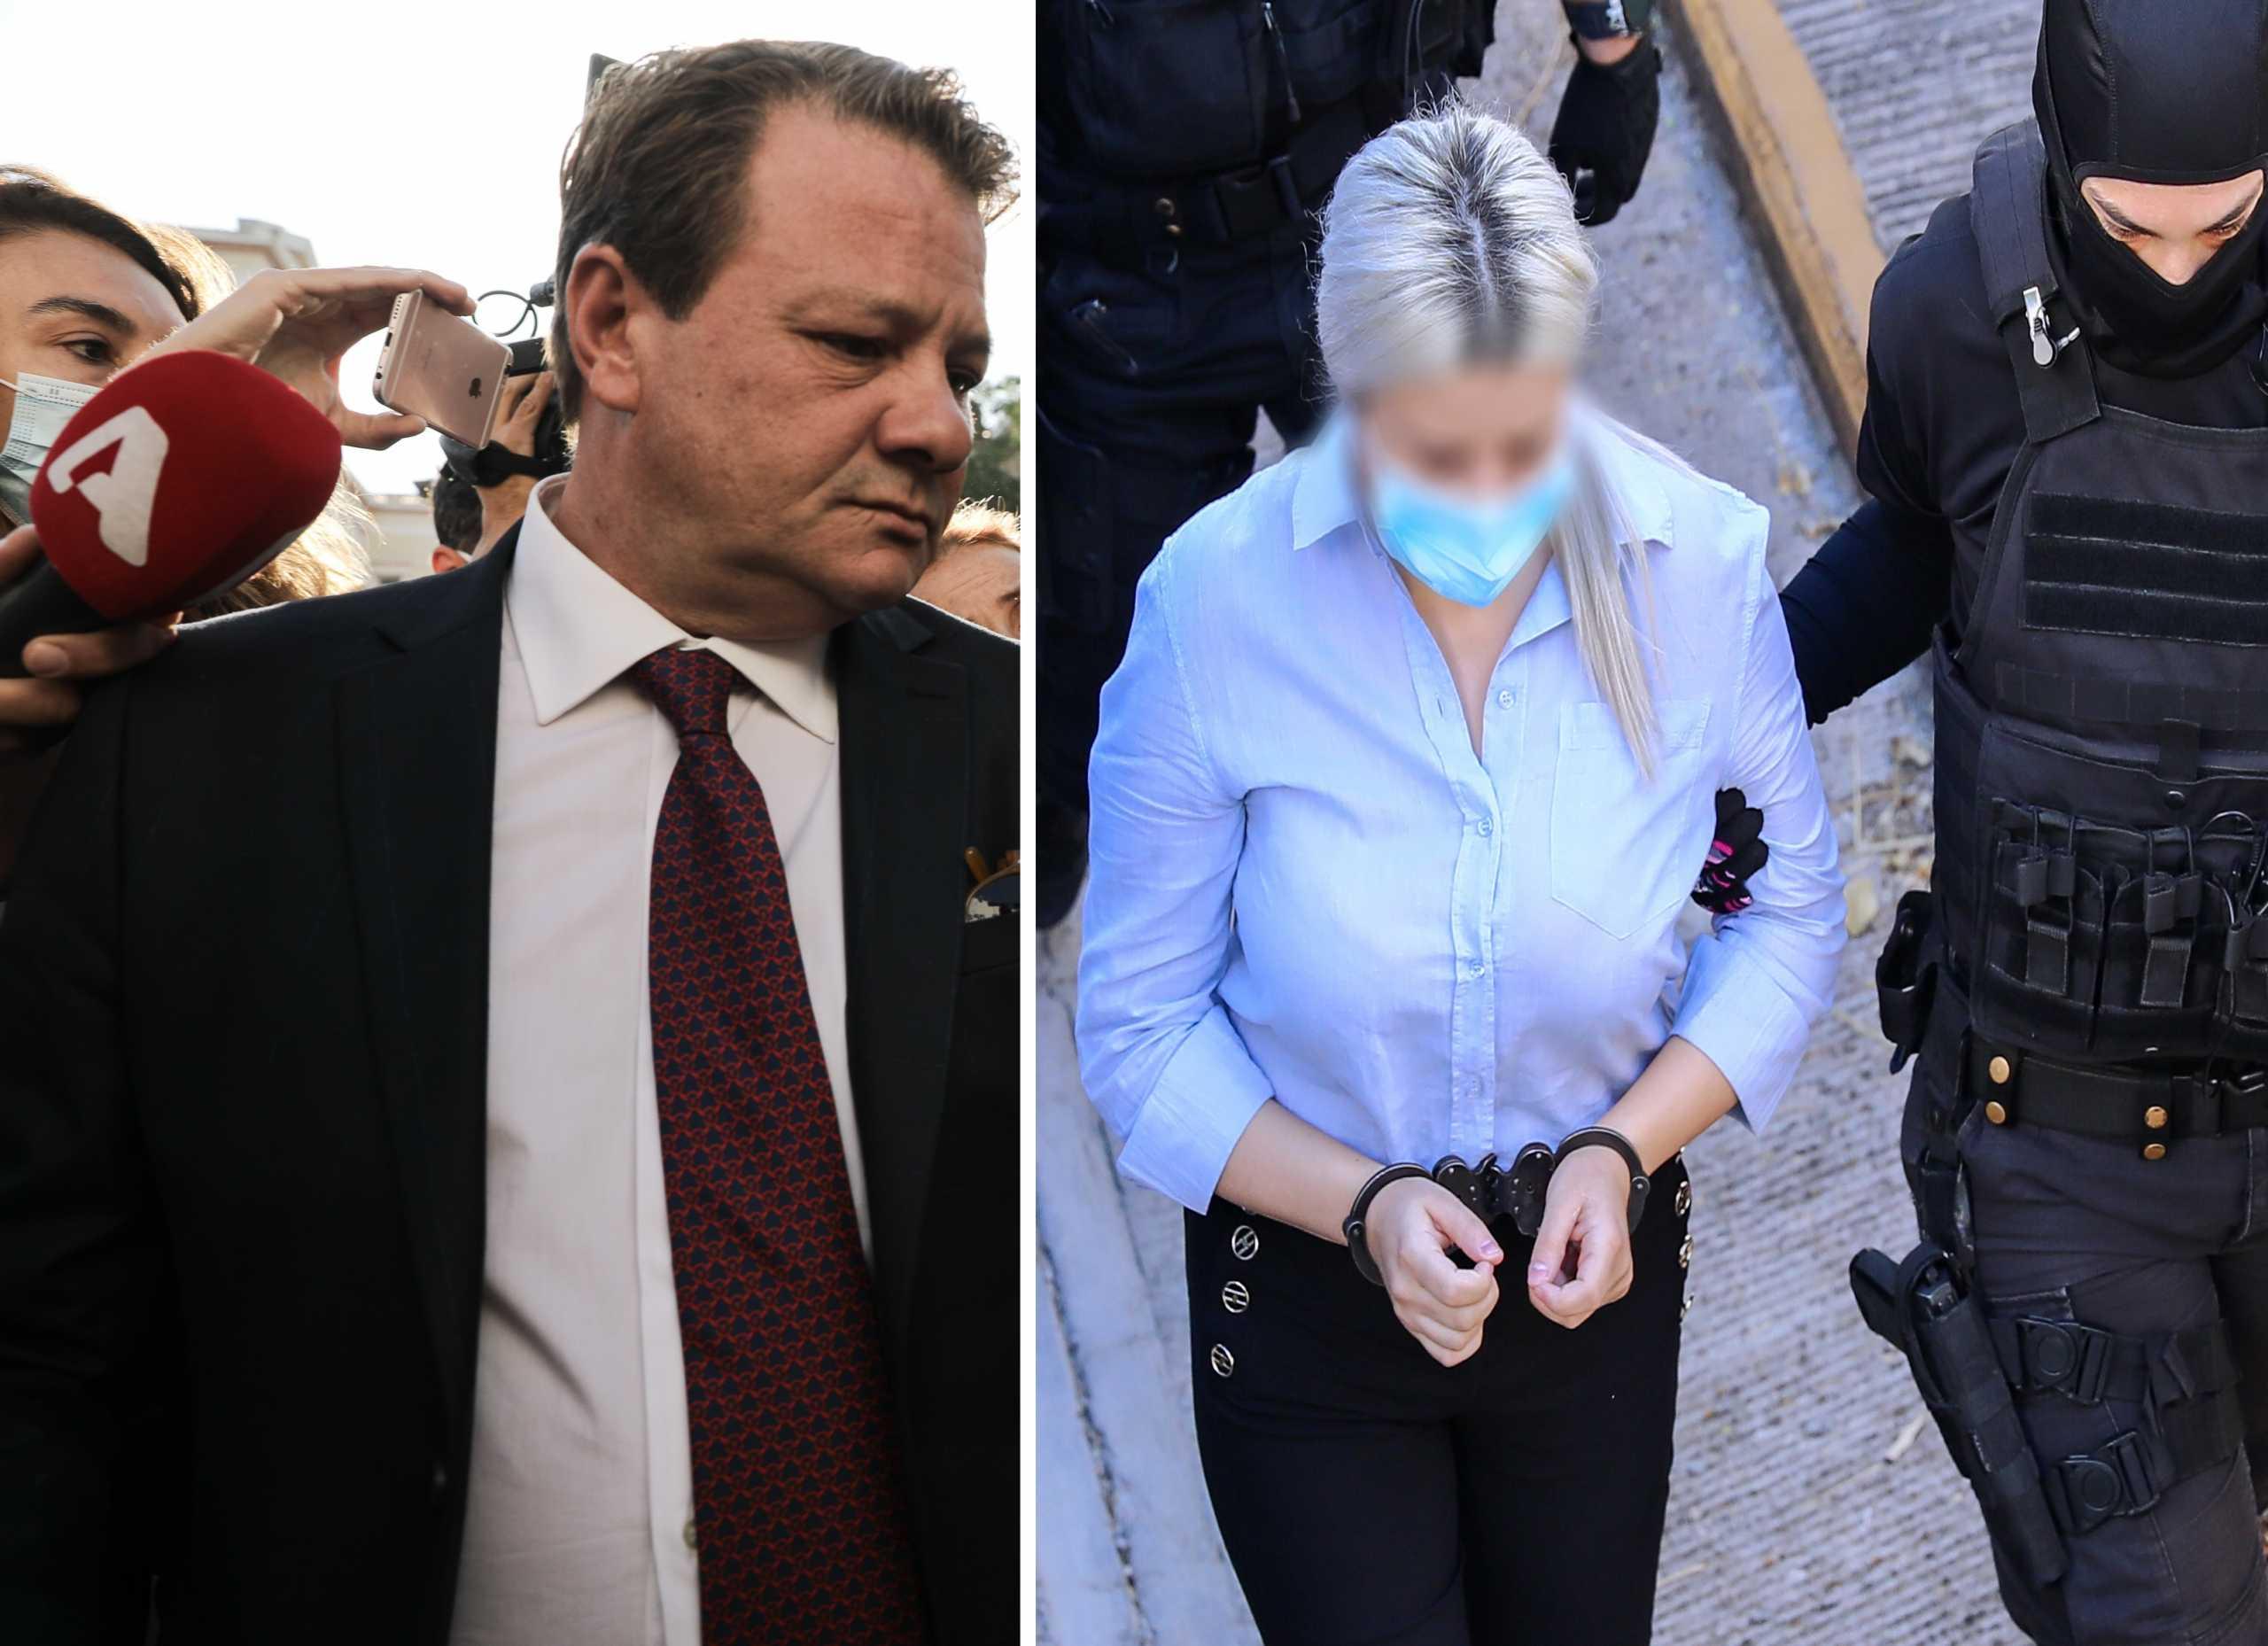 Δικηγόρος Ιωάννας Παλιοσπύρου: Της έριξε πάνω από ένα λίτρο βιτριόλι